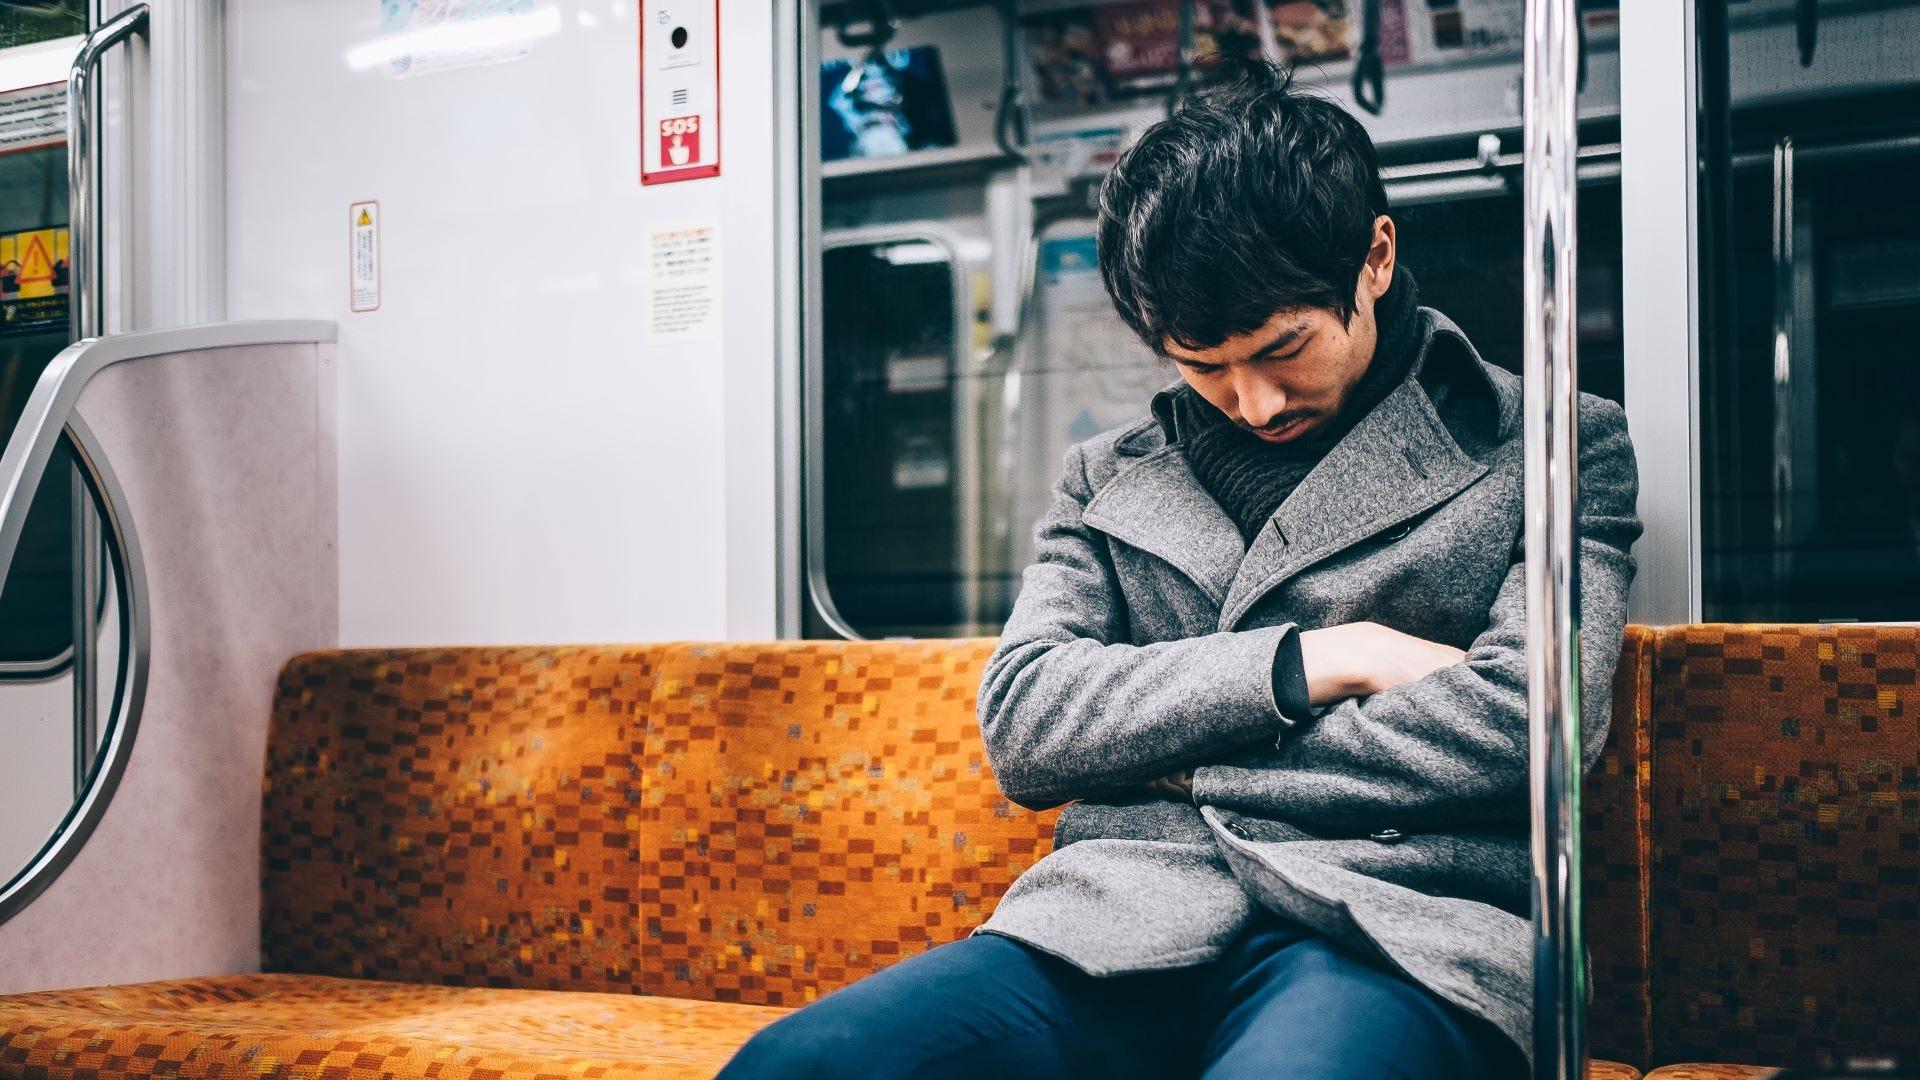 A Japanese man asleep on a train.